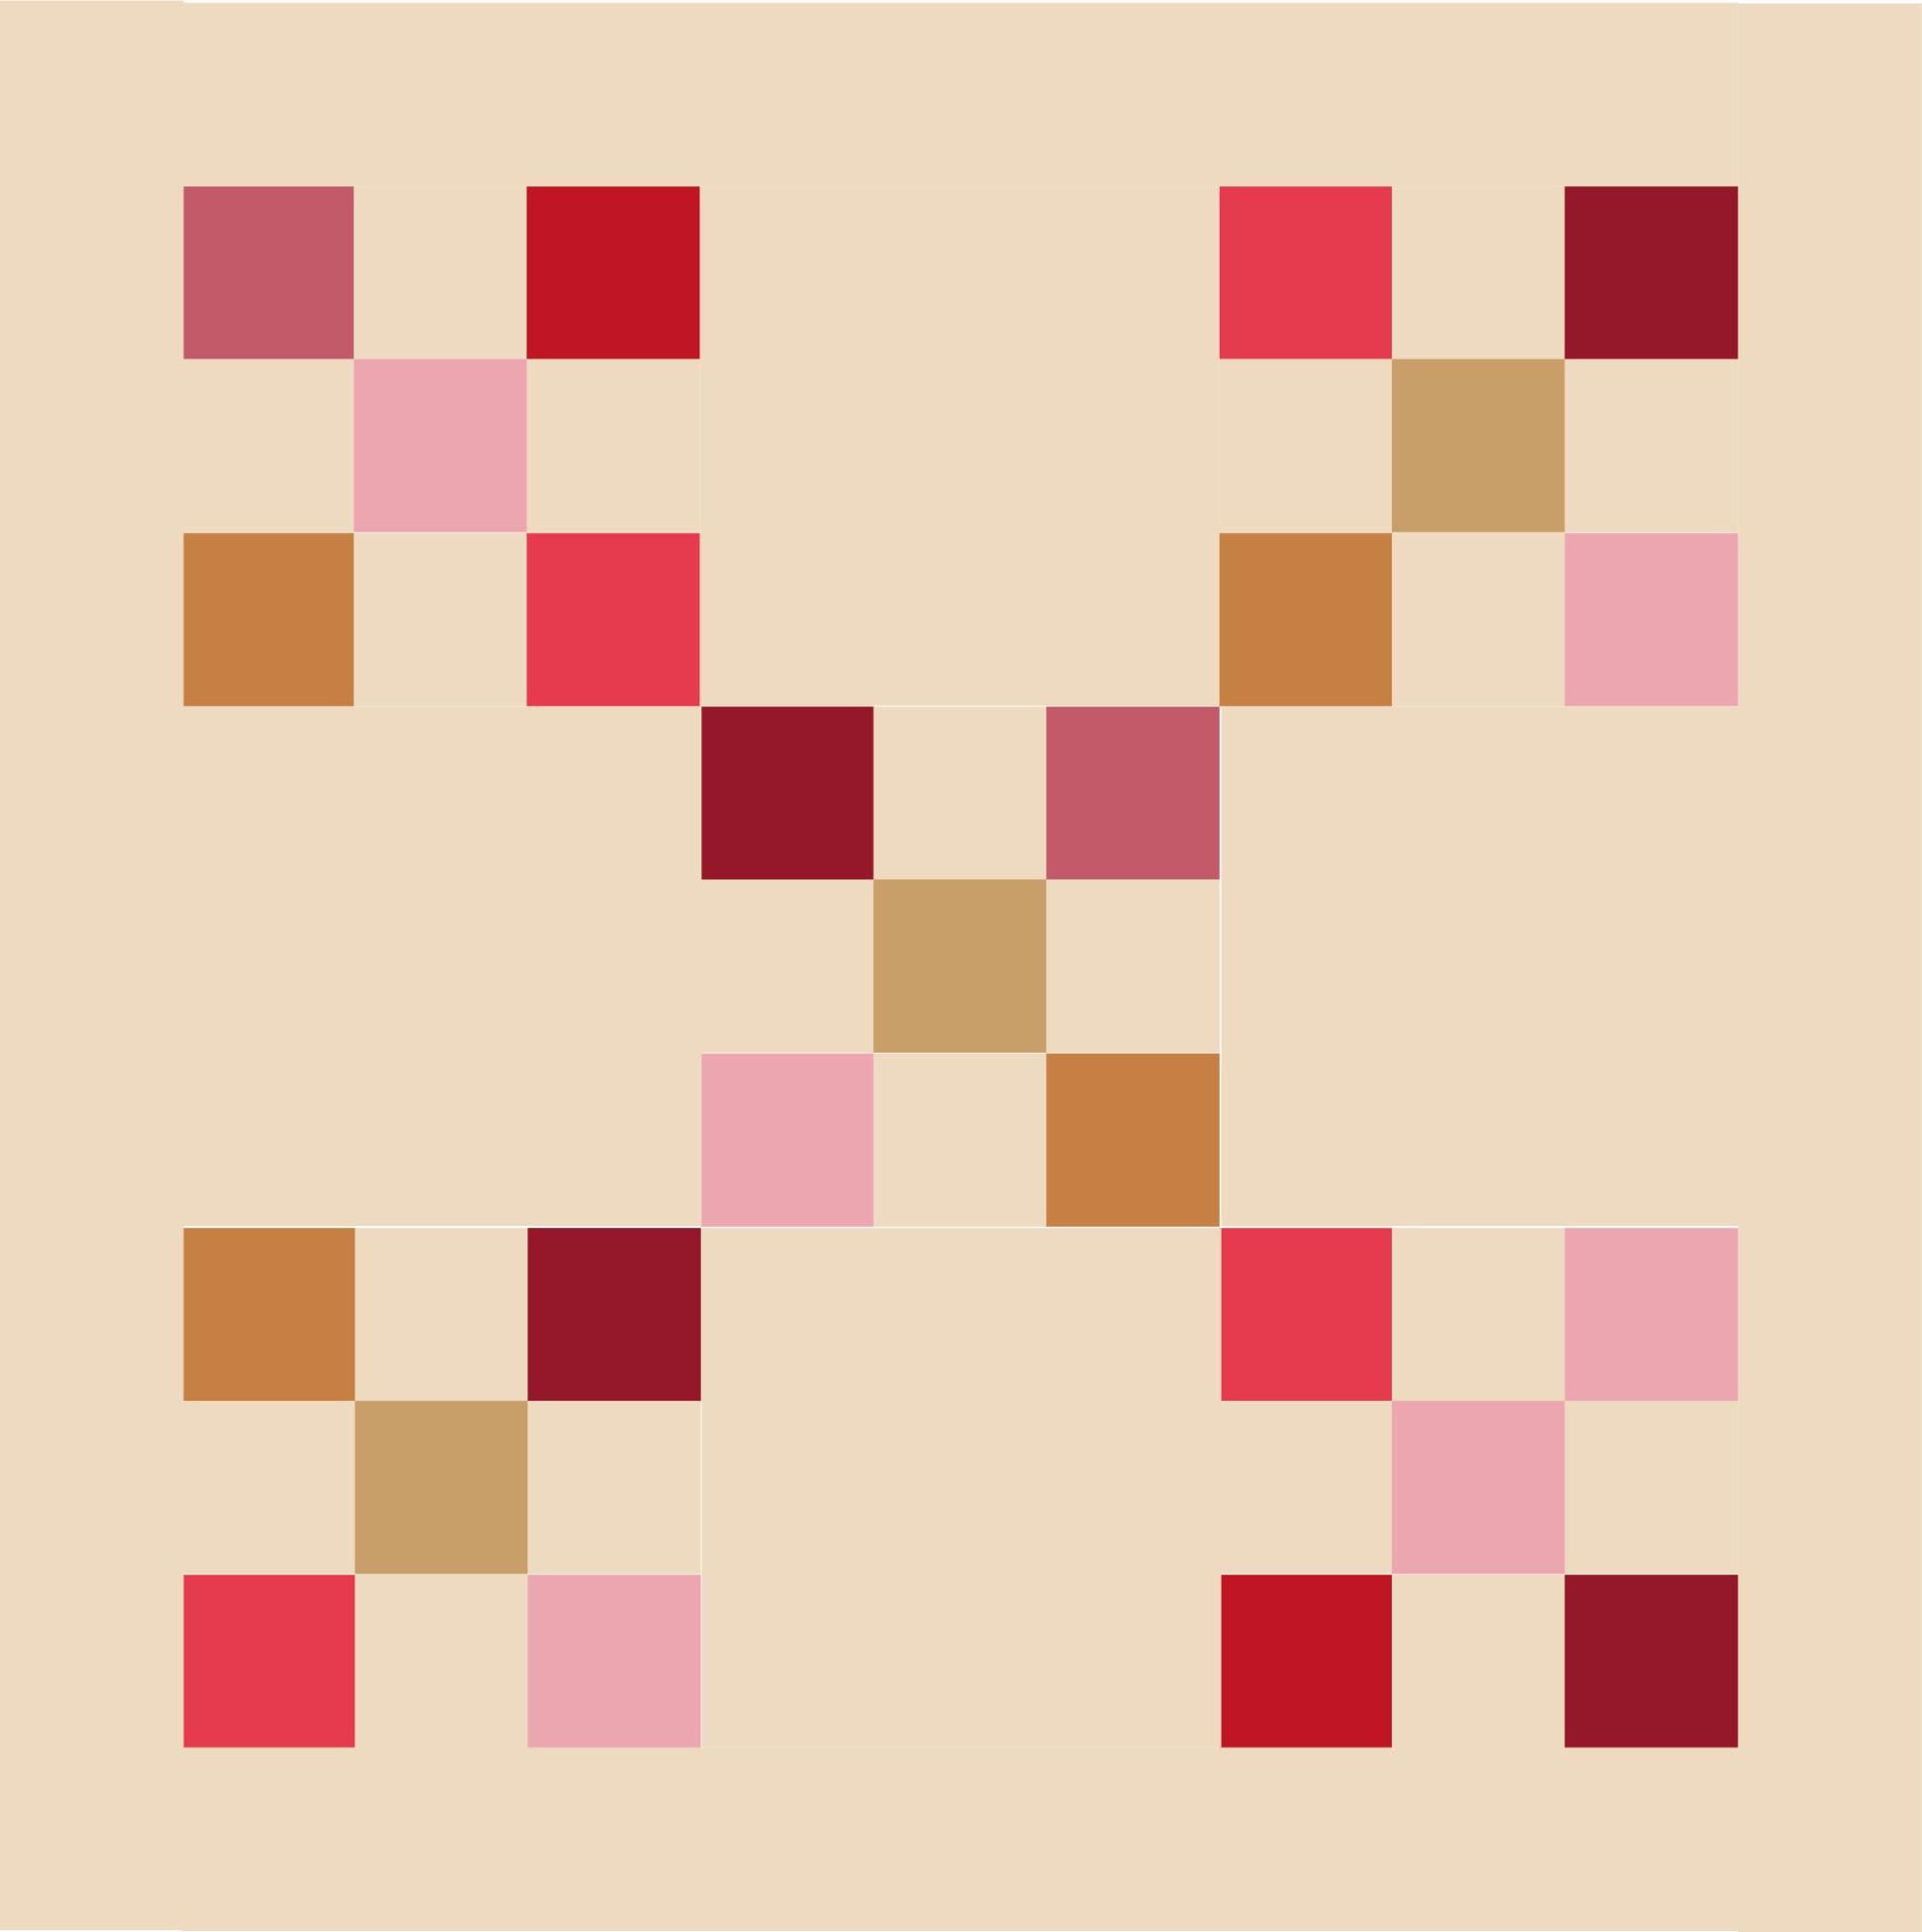 Nine Patch Irish Chain - free pattern